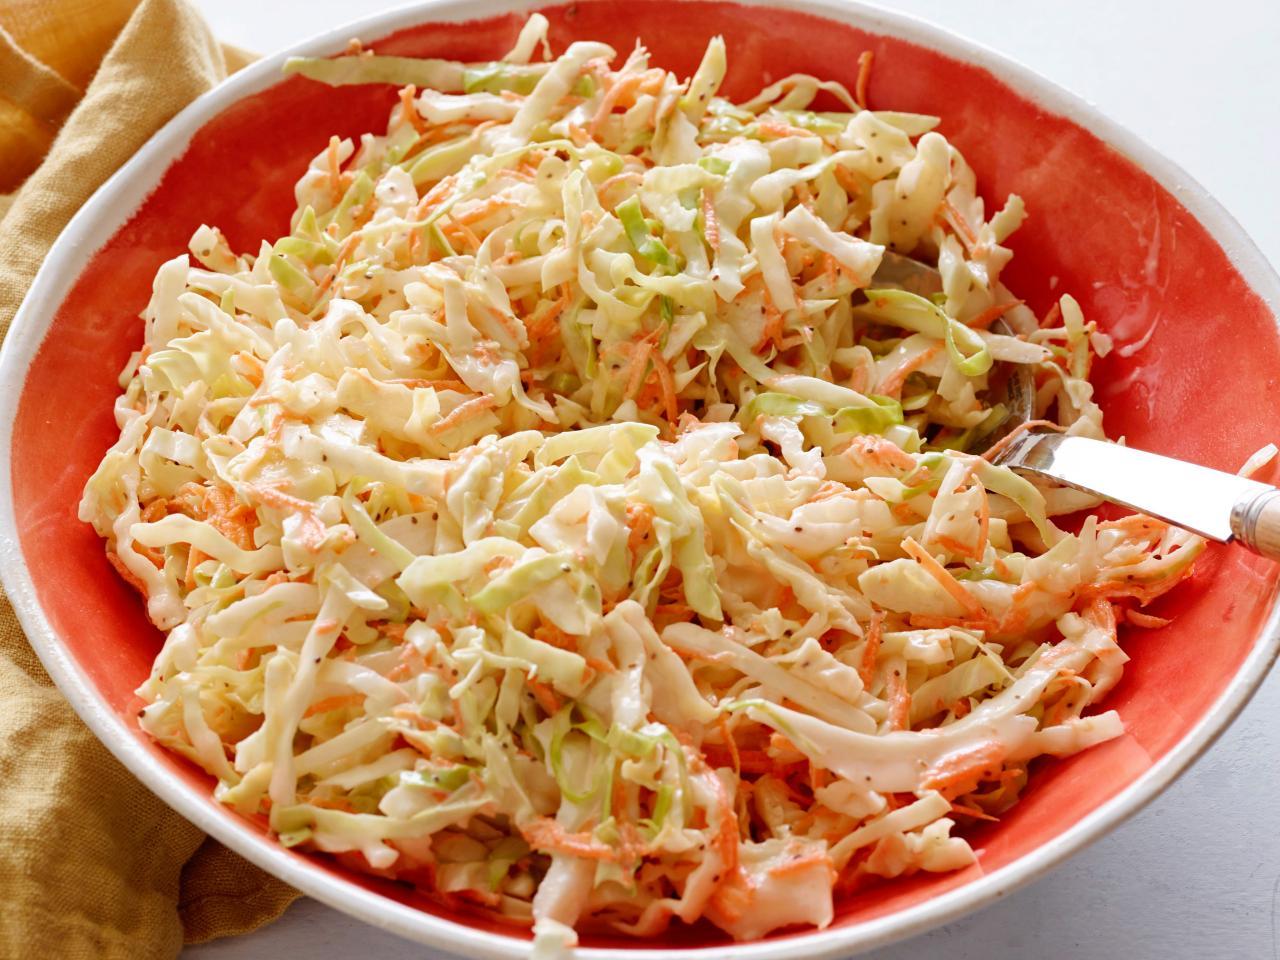 Výsledok vyhľadávania obrázkov pre dopyt coleslaw